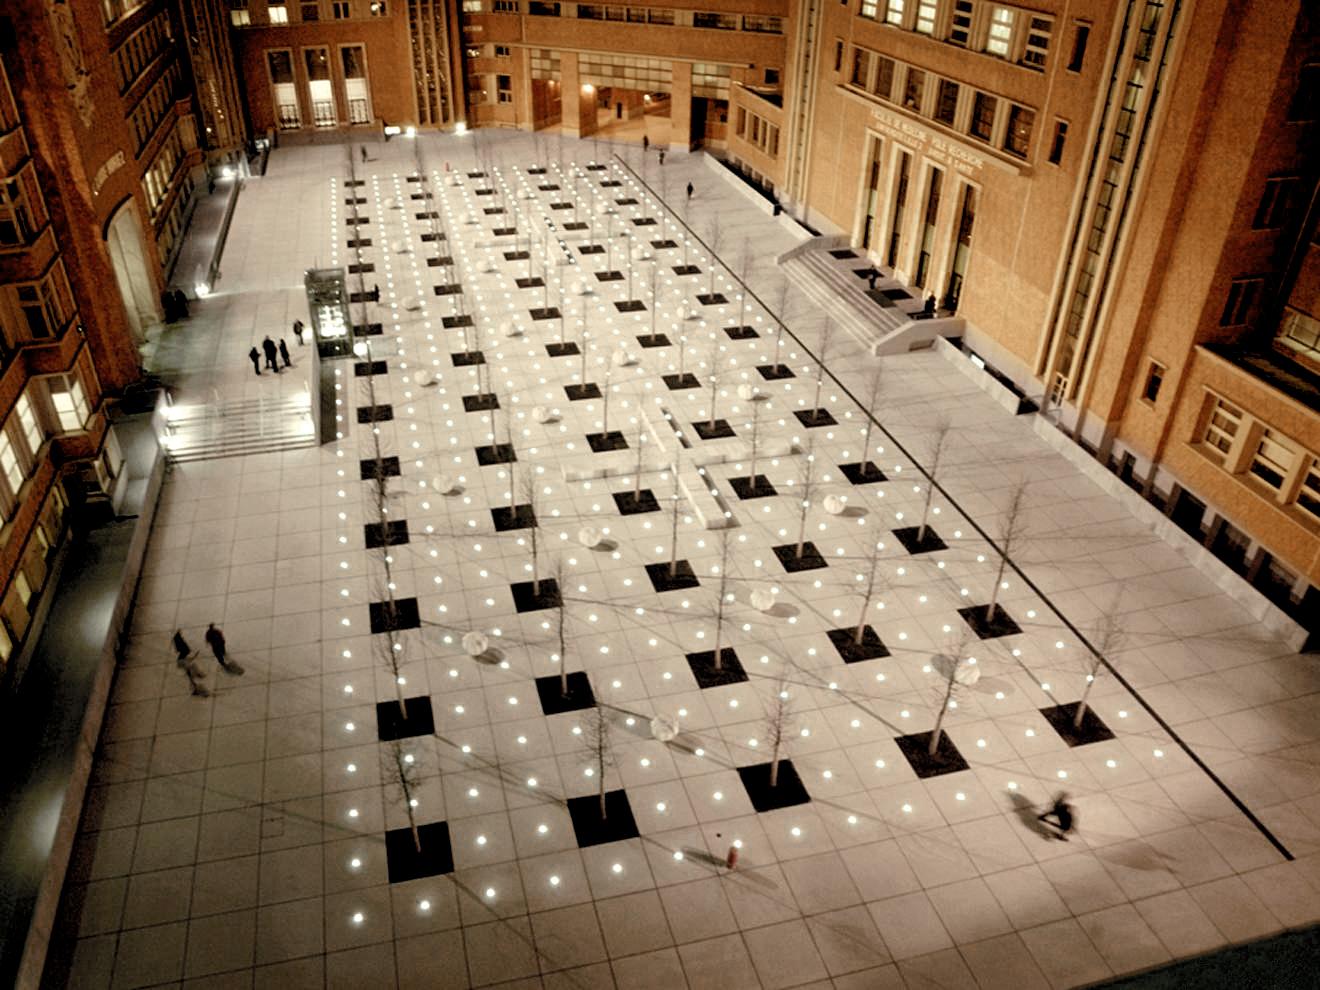 Nanoled Simes griglia piazza